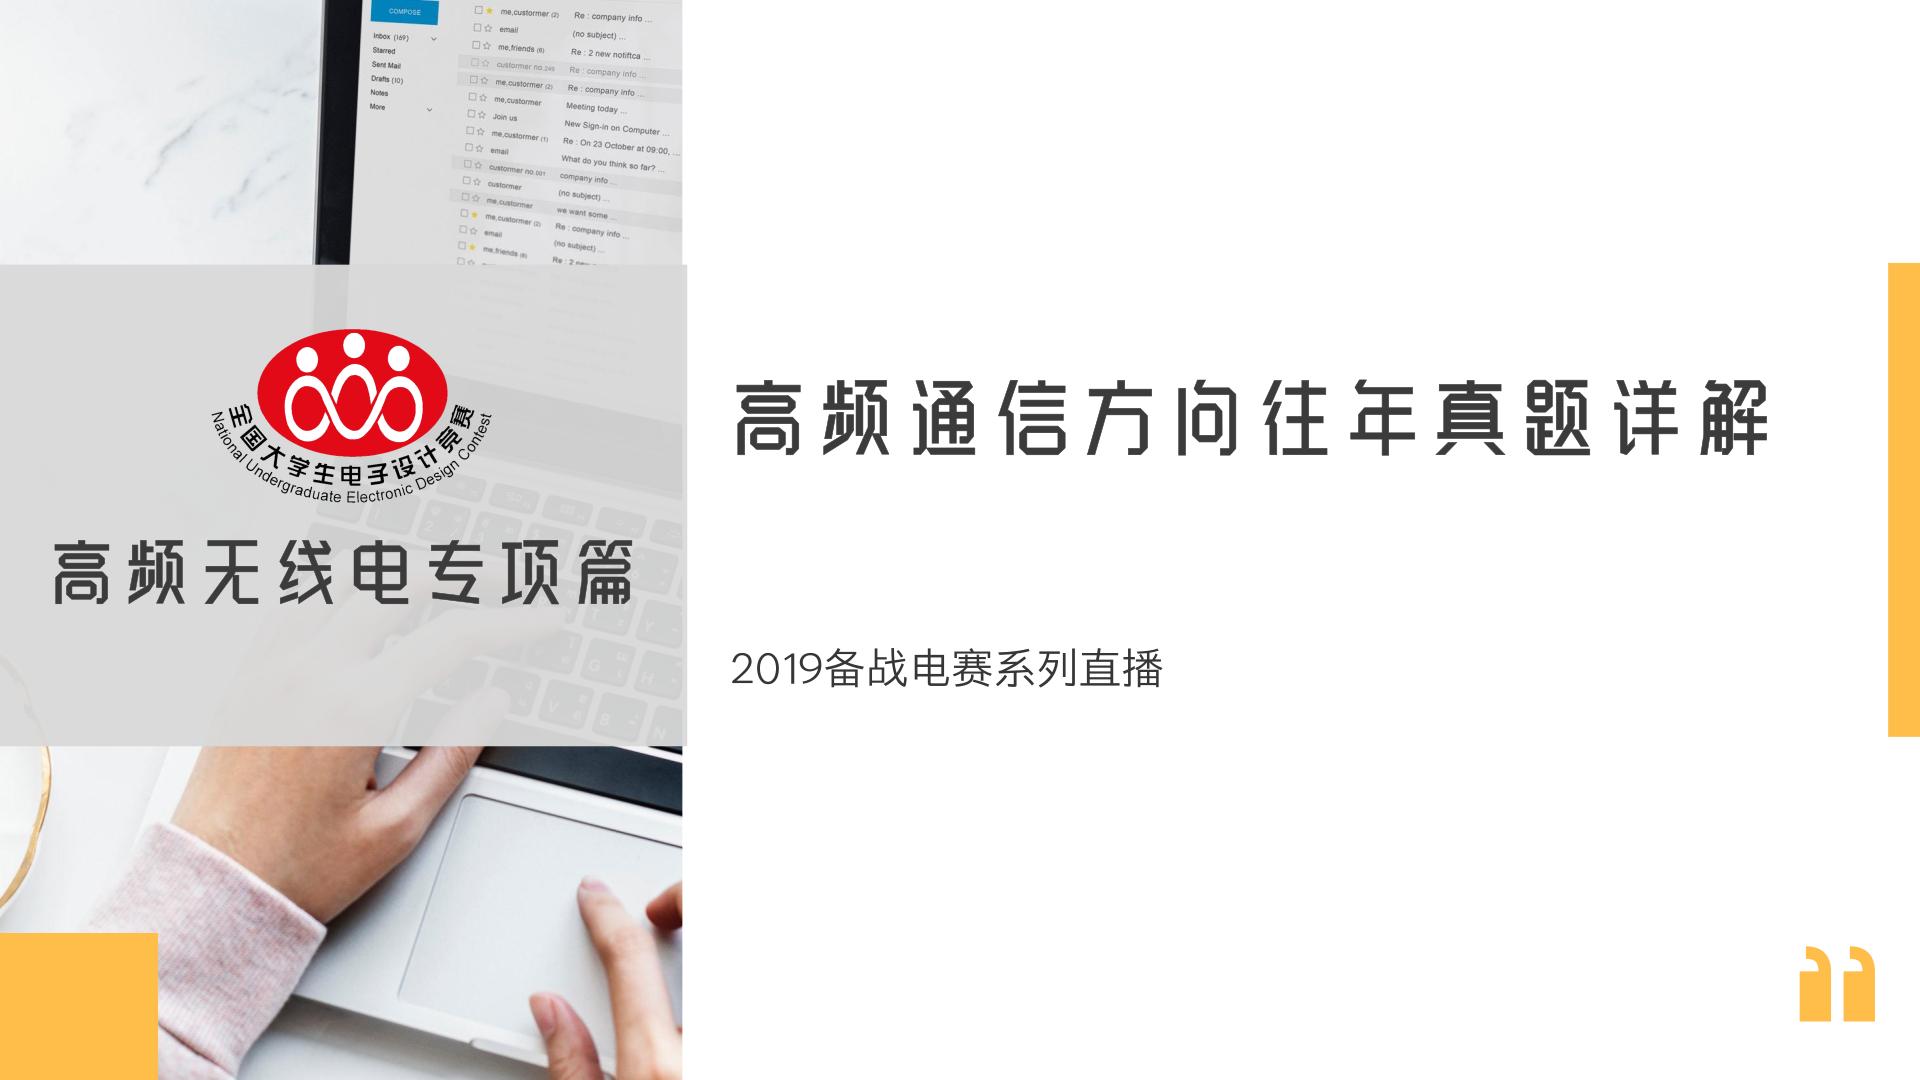 【高频无线电篇-4】2019电赛:高频通信方向往年真题详解